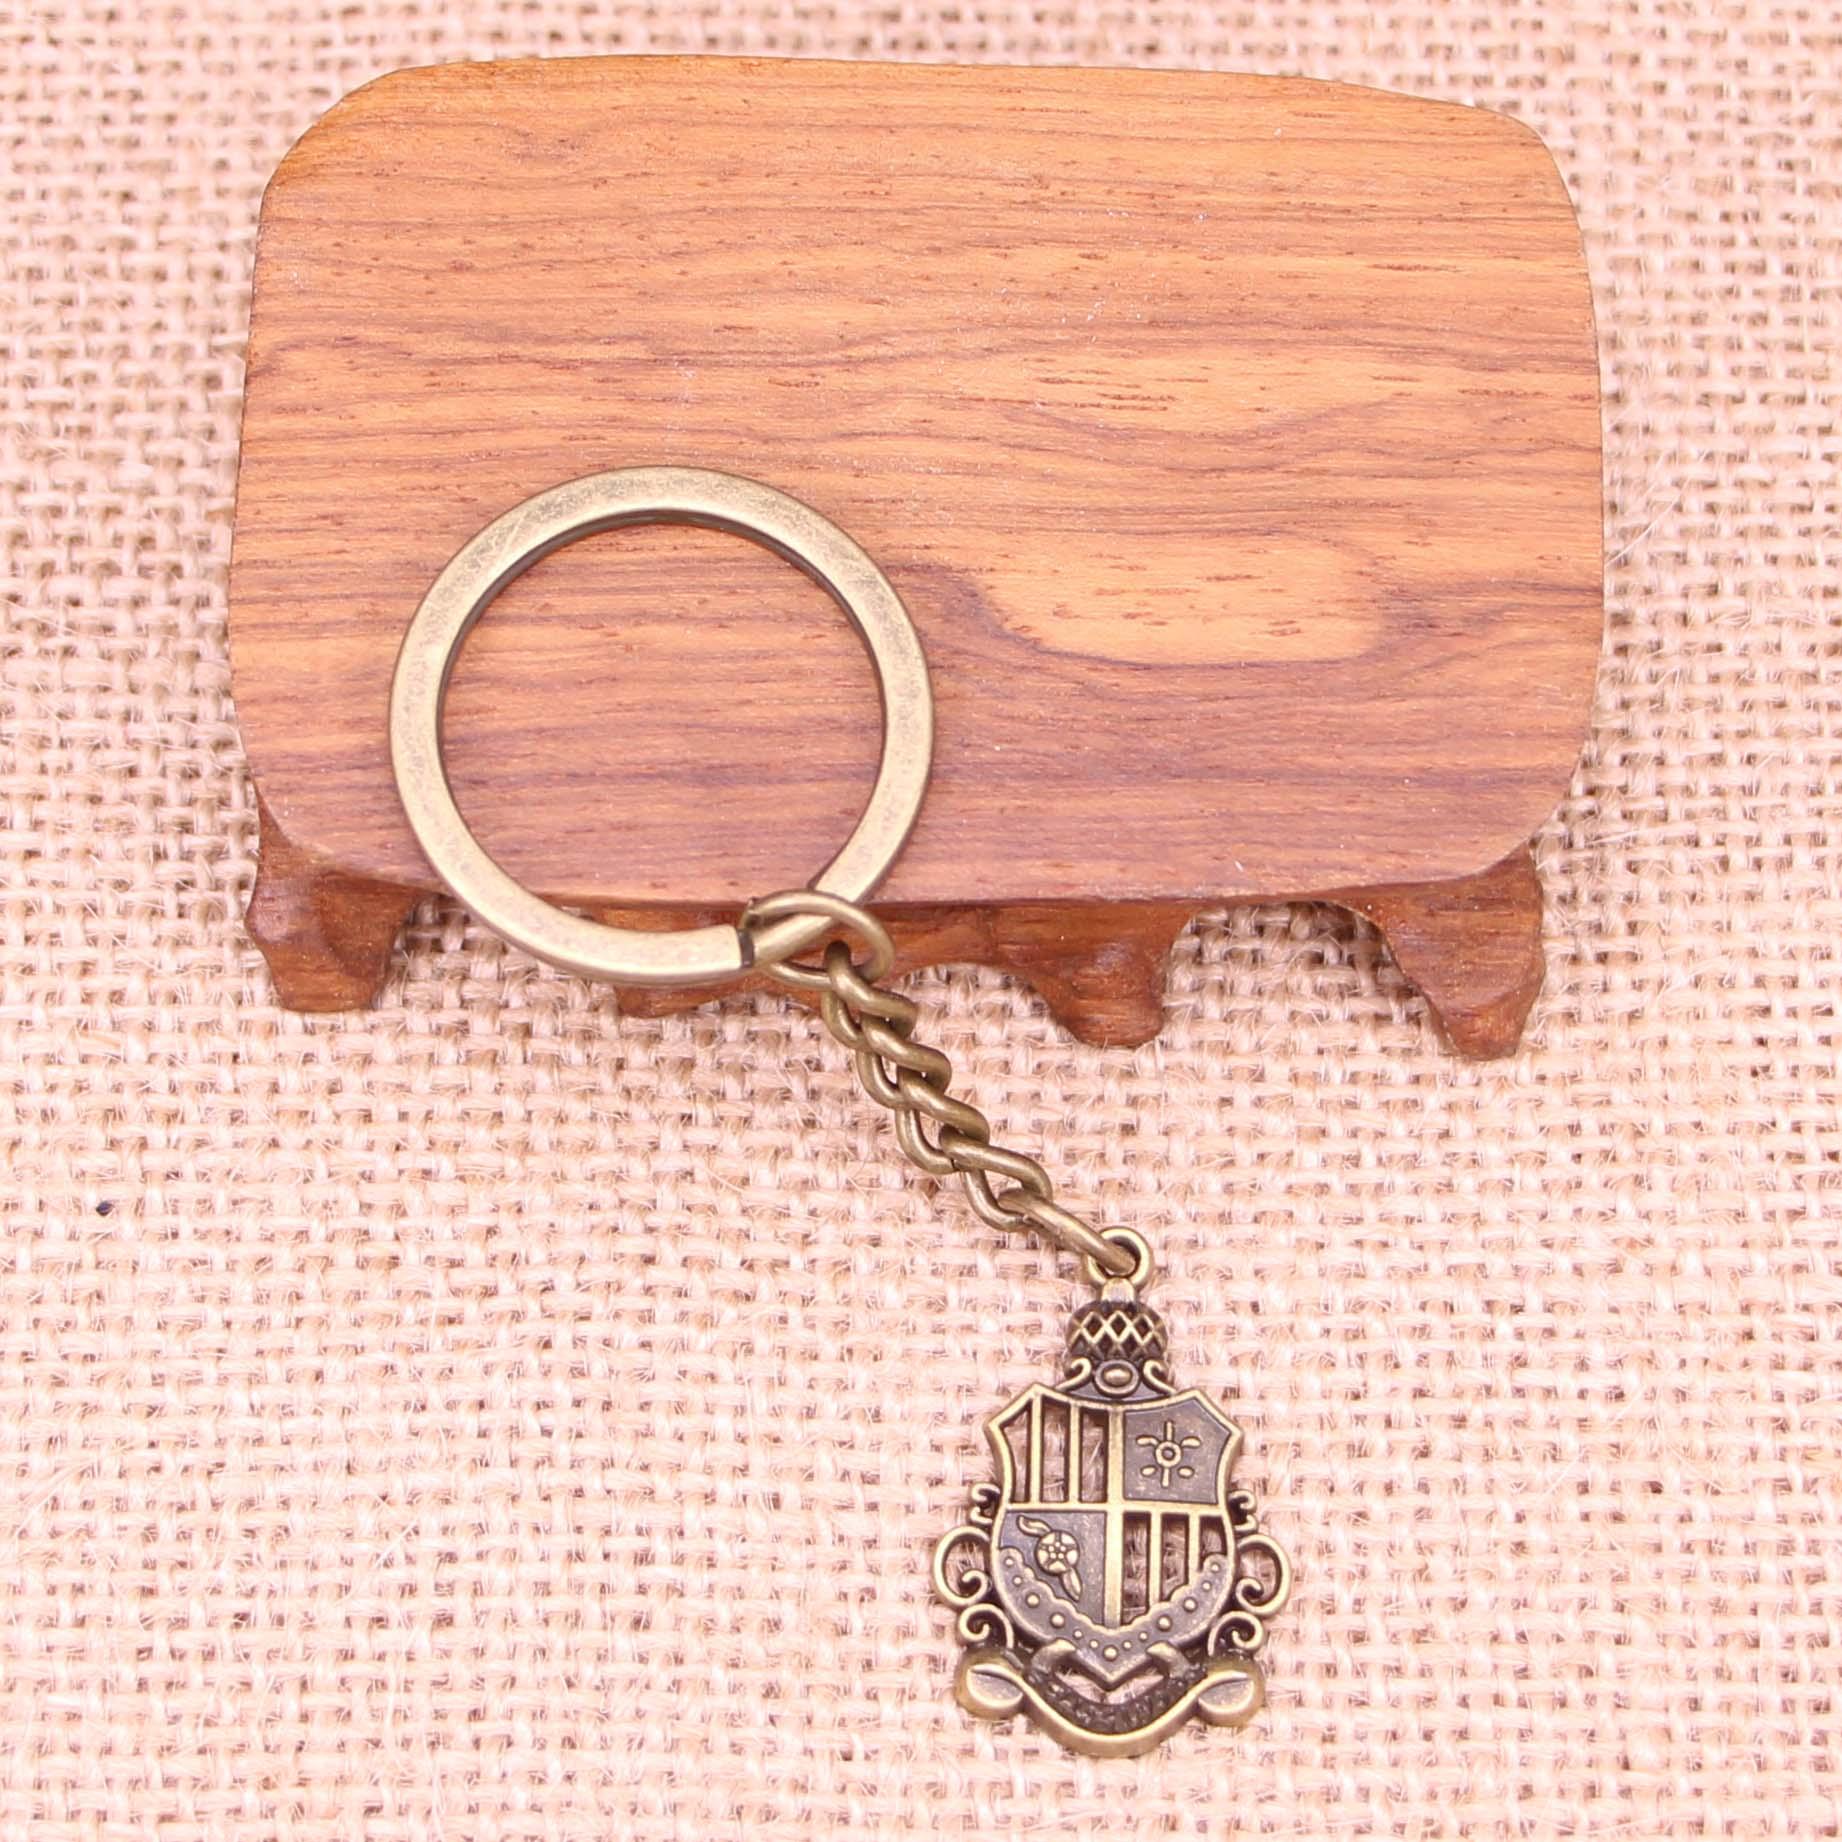 20 piezas nuevo llavero de moda 28x19mm colgantes de medalla joyería DIY para hombre llavero de coche anillo sostenedor de recuerdo para regalo